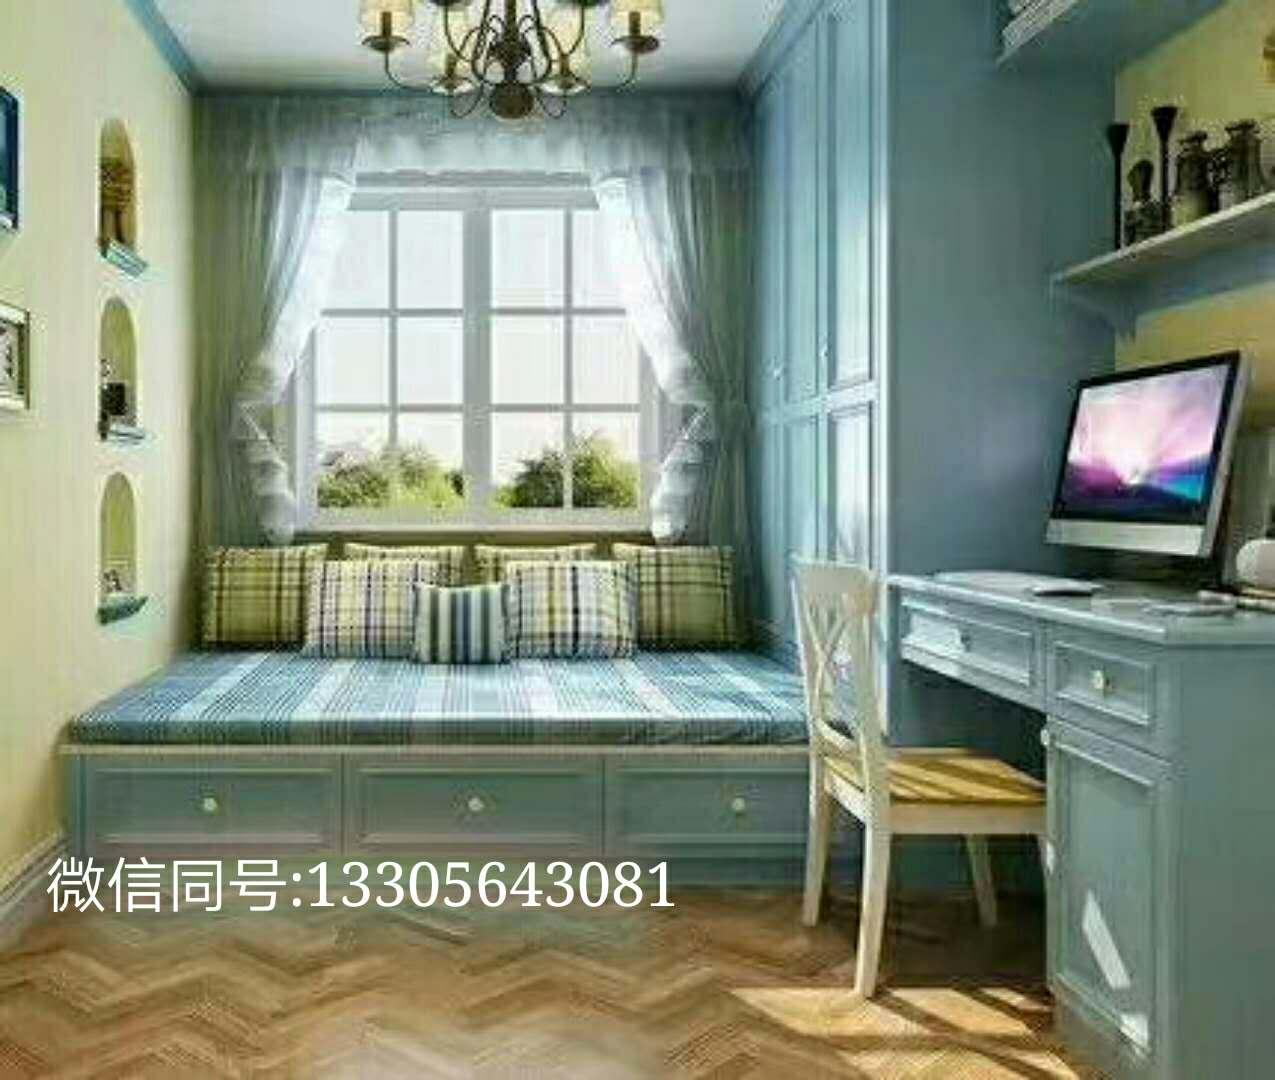 微信图片_20180611222112.jpg